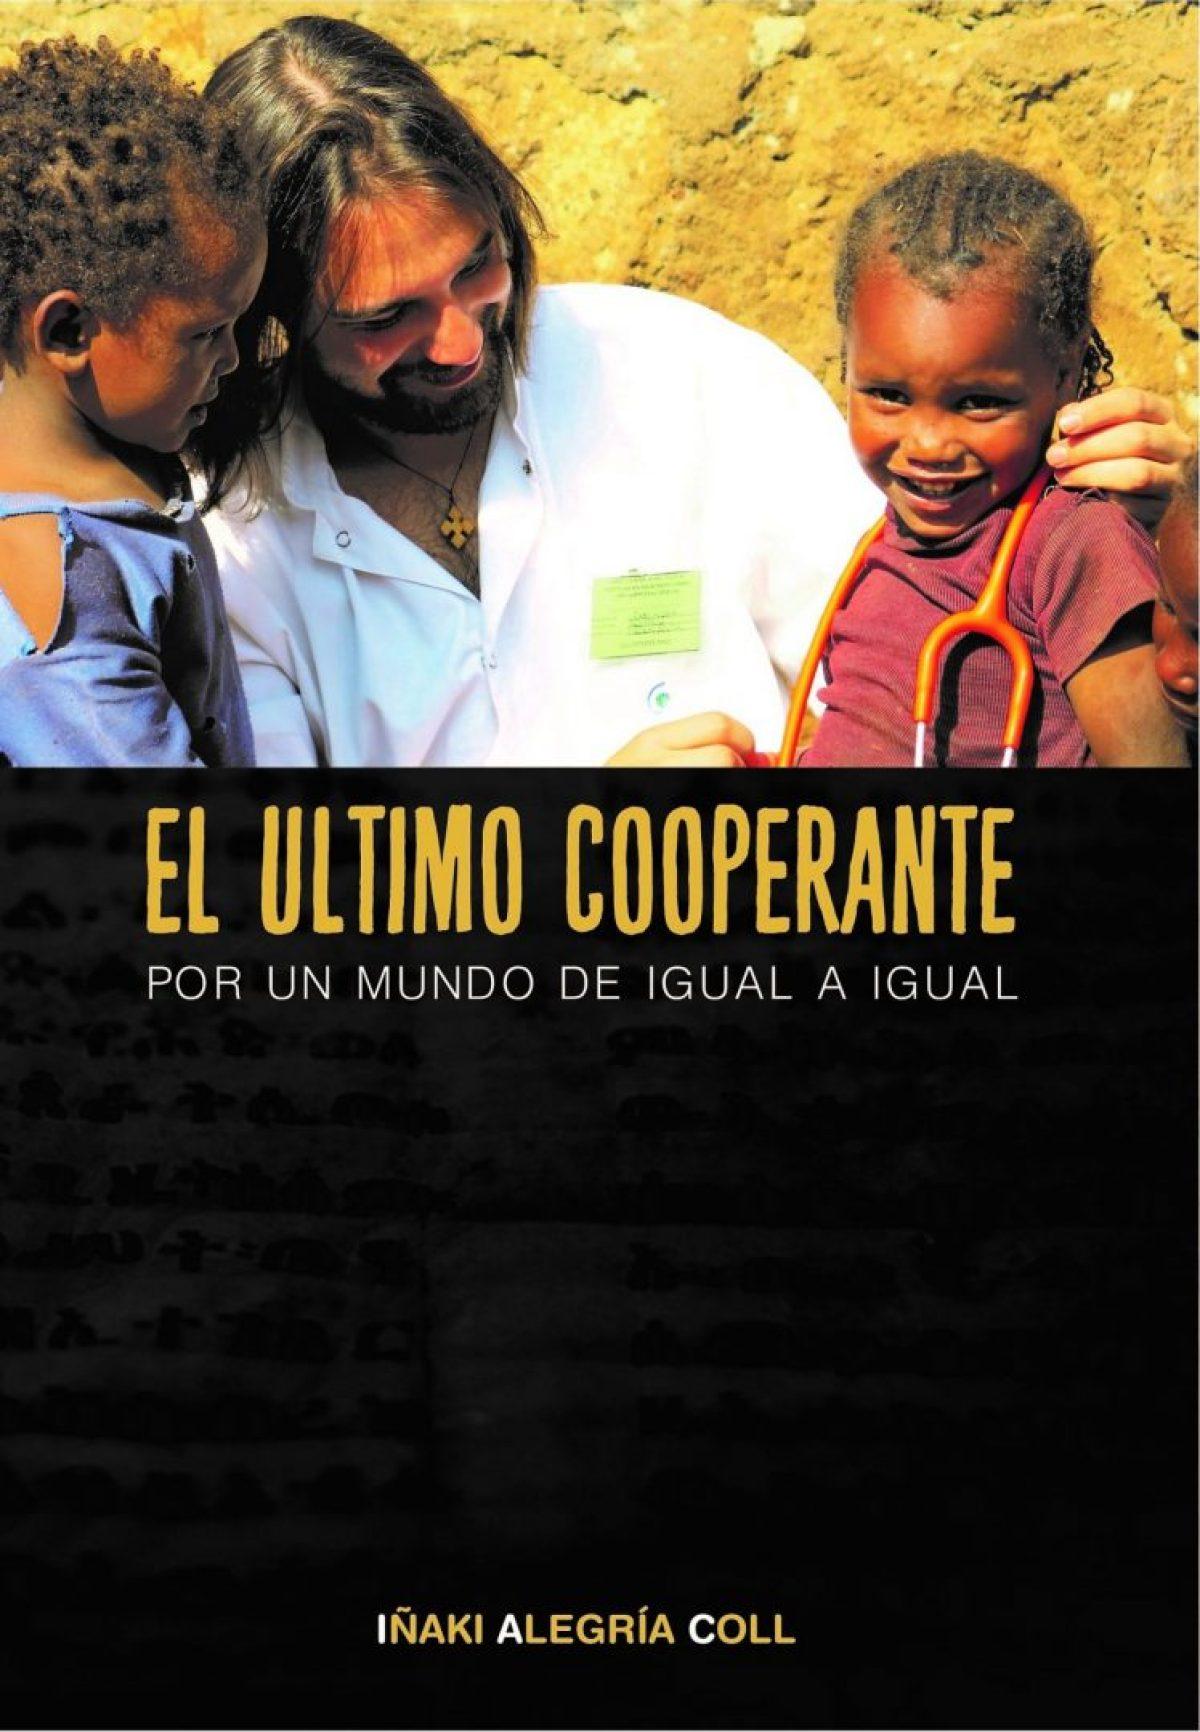 Estreno! El último cooperante ya disponible en formato ebook! #QuedateEnCasa #LibrosParaLaCuarentena africa dr alegria